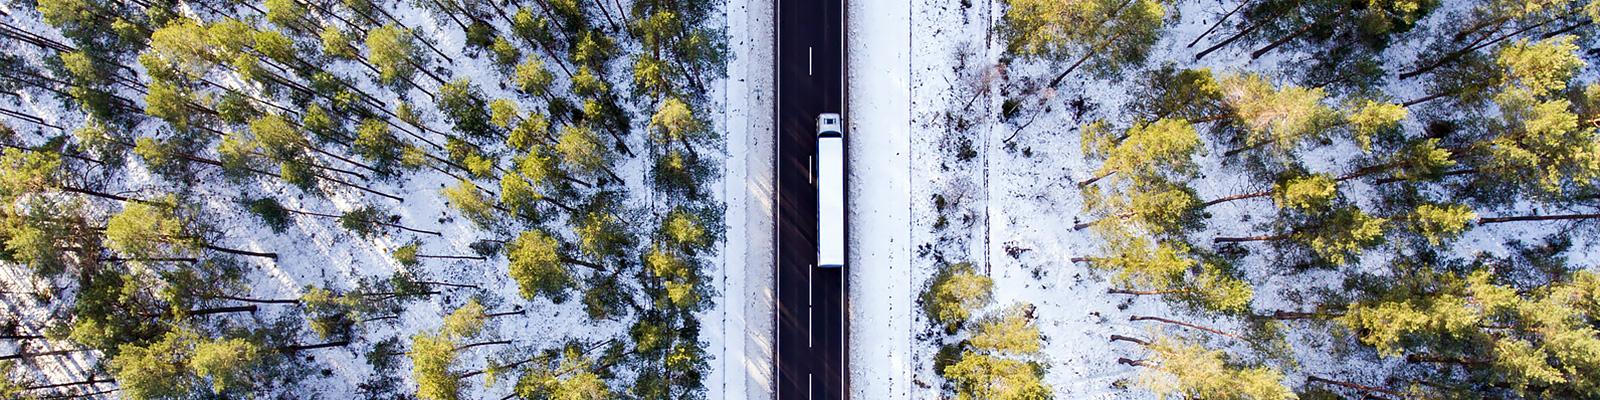 交通 自動車 雪 イメージ